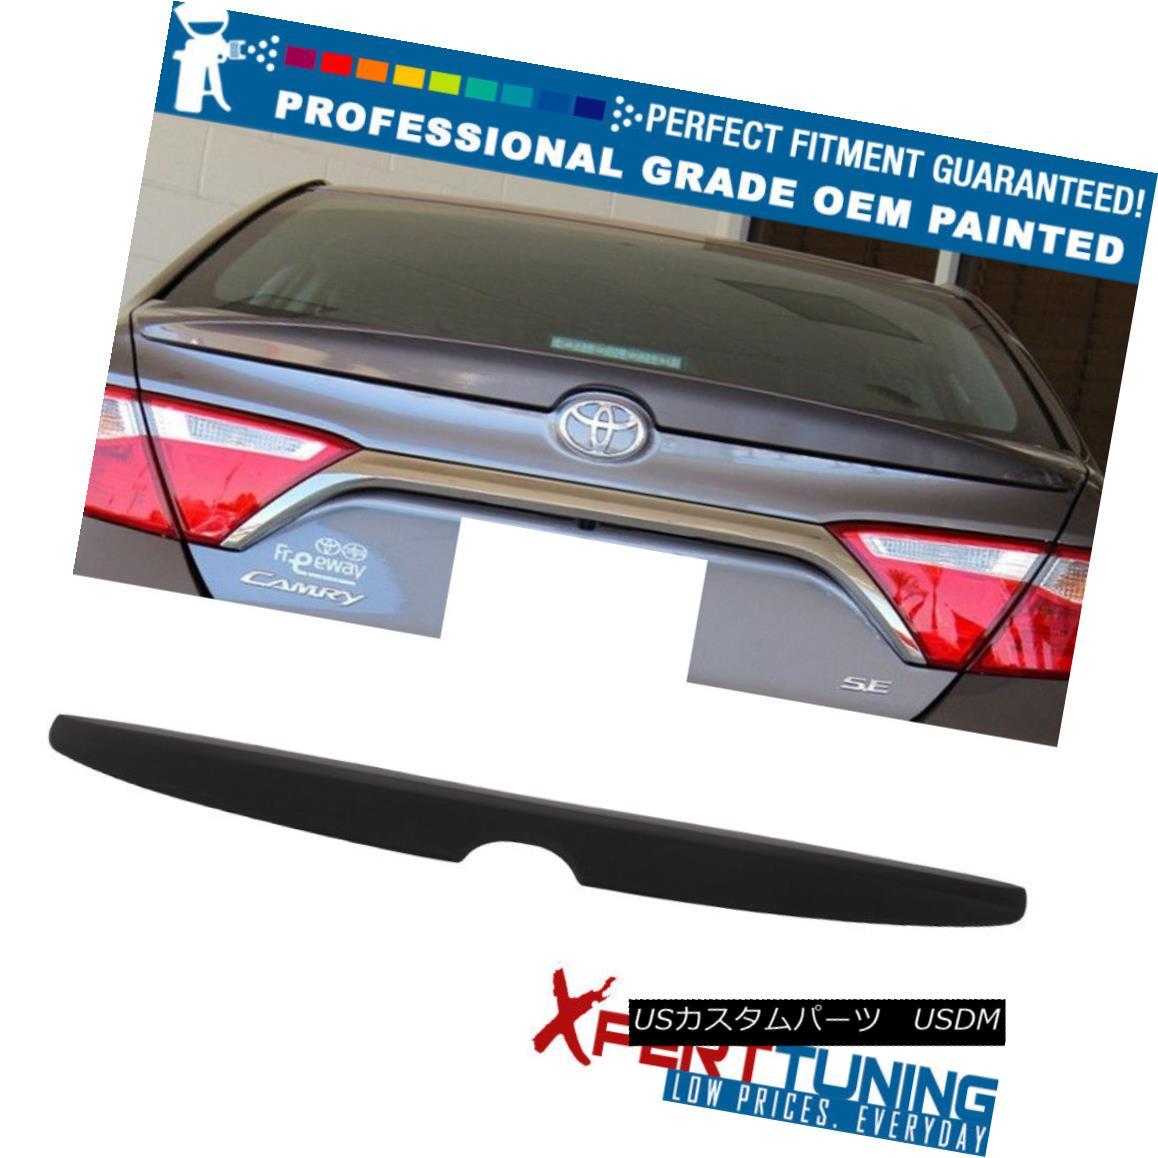 エアロパーツ Fit 15-17 Camry Sedan OE Factory Painted ABS Trunk Spoiler - OEM Painted Color フィット15-17カムリセダンOE工場塗装ABSトランクスポイラー - OEM塗装色